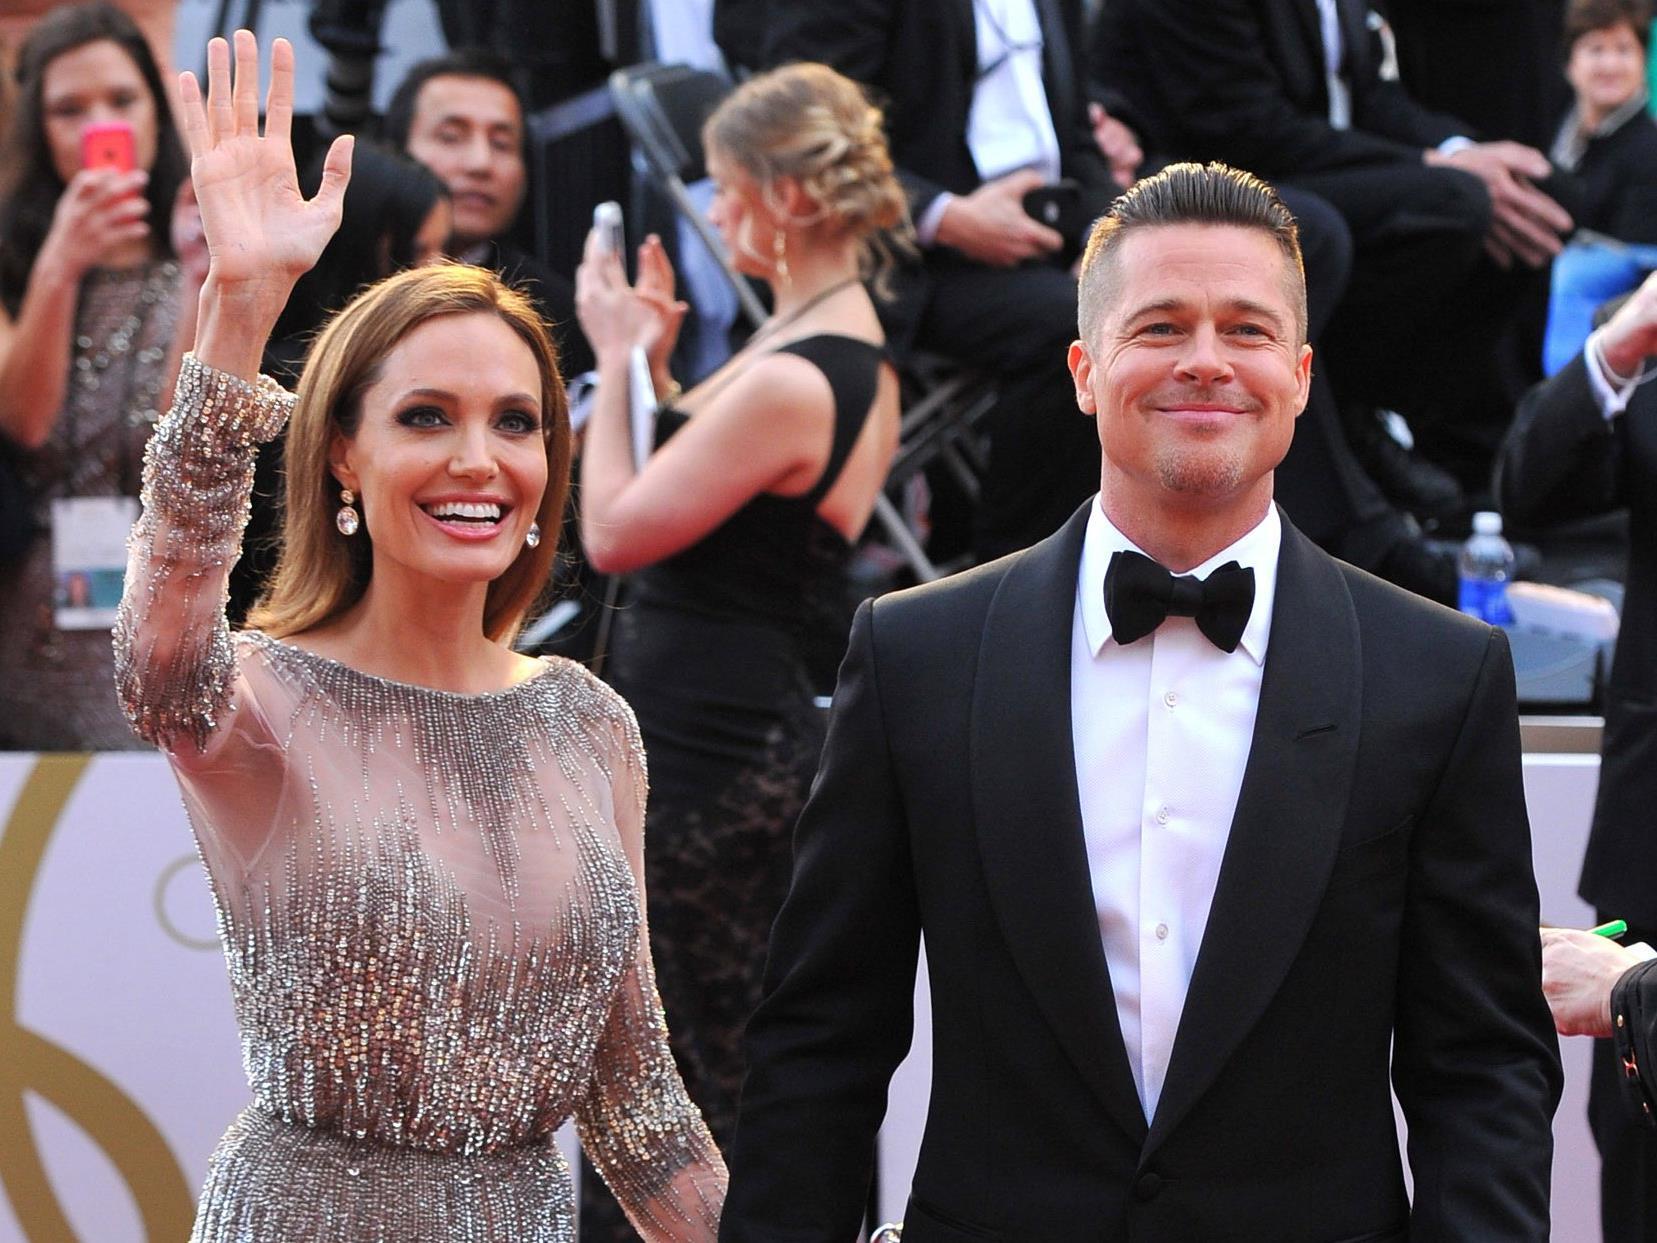 2014 bei den Oscars - da waren sie noch glücklich.